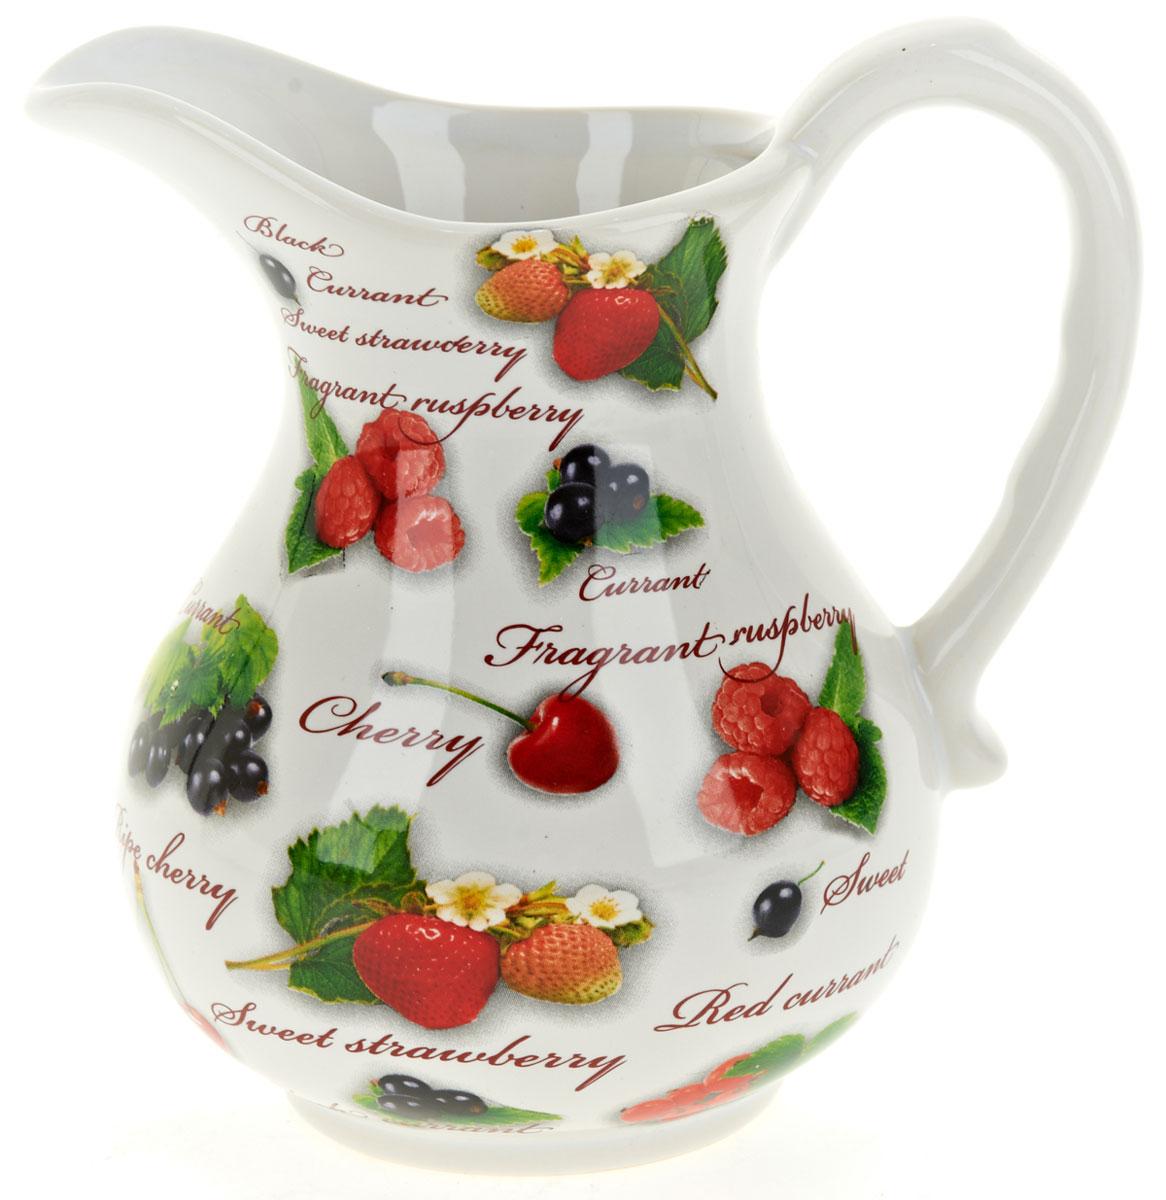 Кувшин ENS Group Садовая ягода, 1,2 лL2520276Кувшин Садовая ягода изготовлен из высококачественной керамики и оформлен красочным изображением и надписями. Кувшин оснащен удобной ручкой. Изделие прекрасно подходит для подачи воды, сока, компота и других напитков. Изящный кувшин красиво оформит стол и порадует вас элегантным дизайном и простотой ухода.